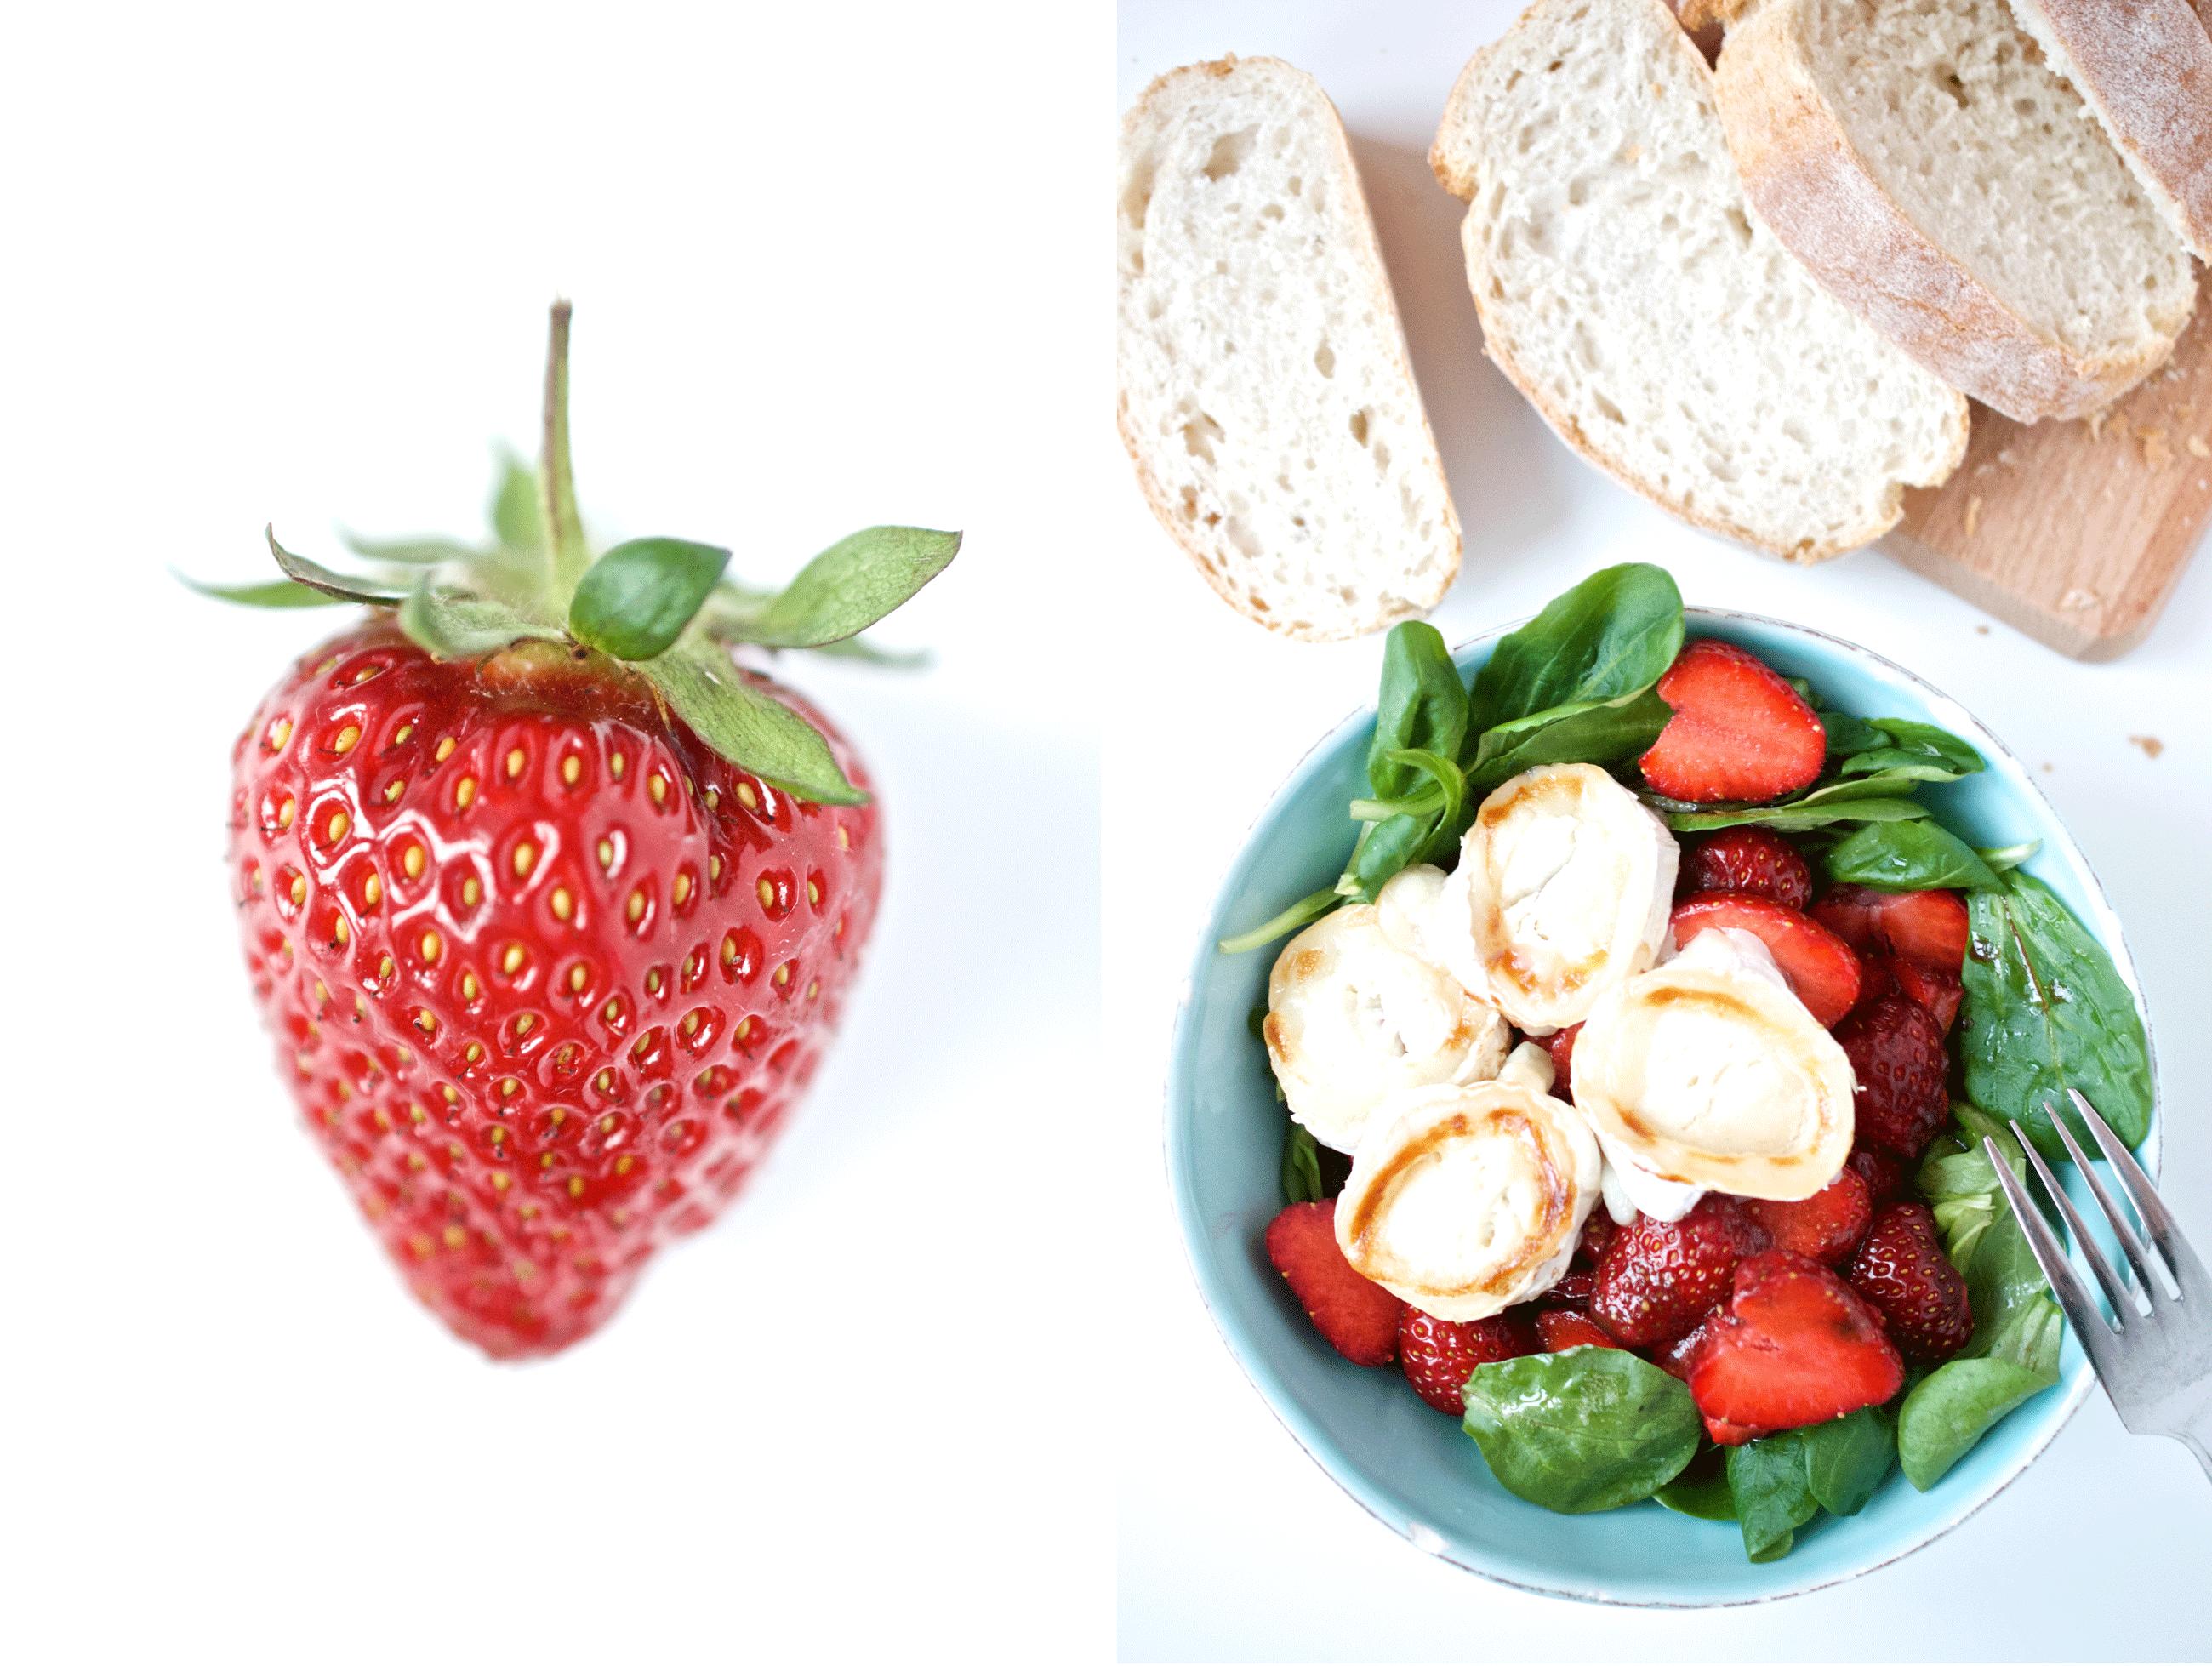 Feldsalat-mit-Erdbeeren-und-gratiniertem-Ziegenkäse